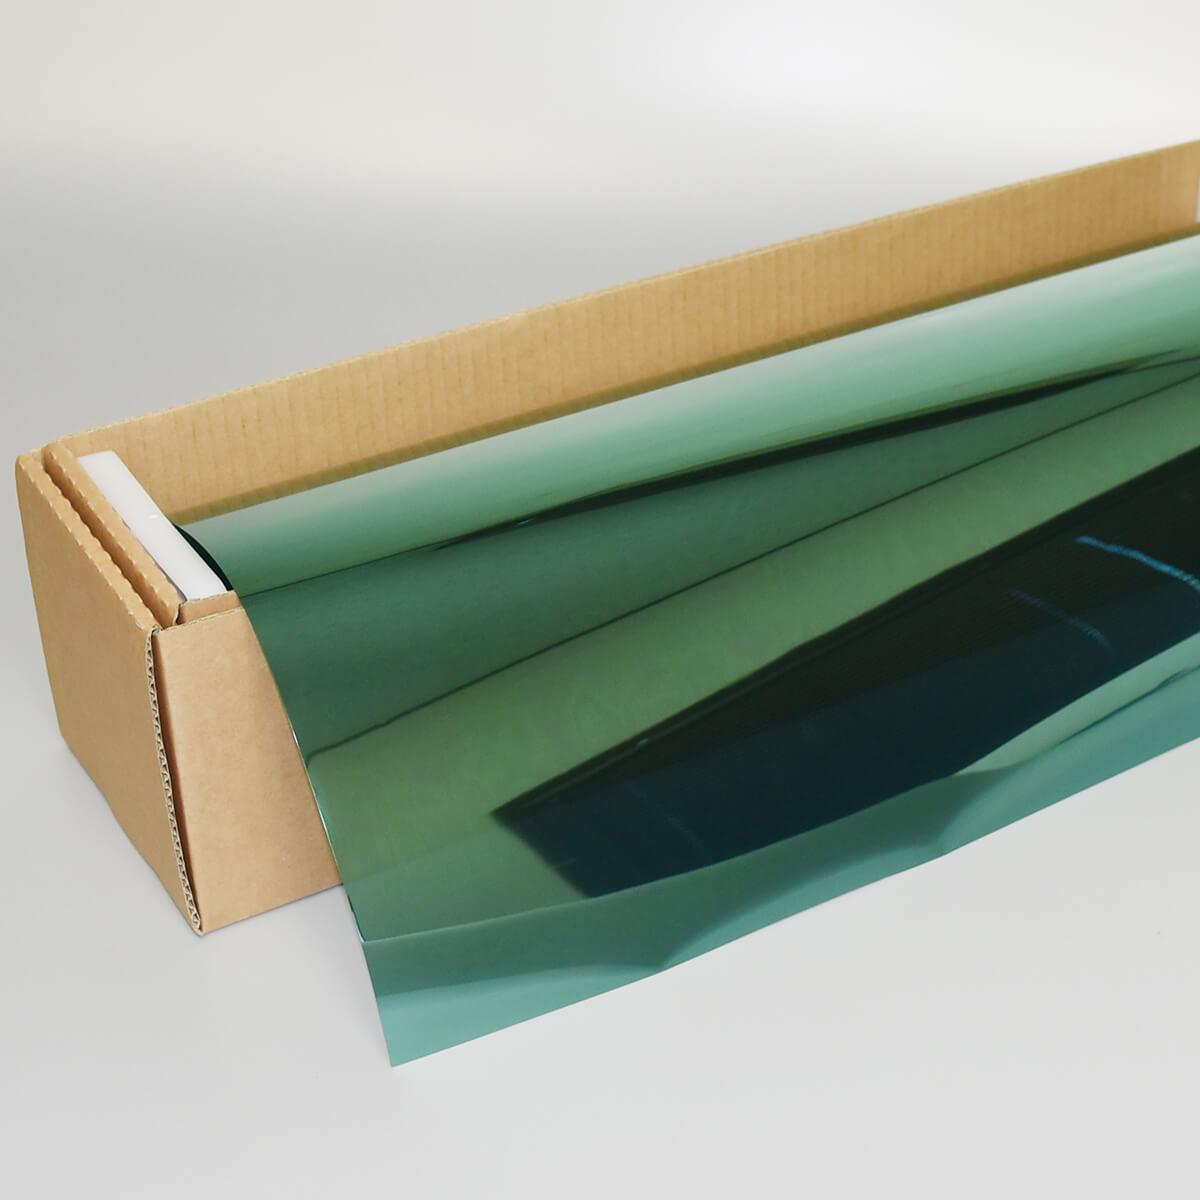 カーフィルム 窓ガラスフィルム ミラーグリーン14 50cm幅×30mロール箱売 マジックミラーフィルム 遮熱フィルム 断熱フィルム UVカットフィルム ブレインテック Braintec